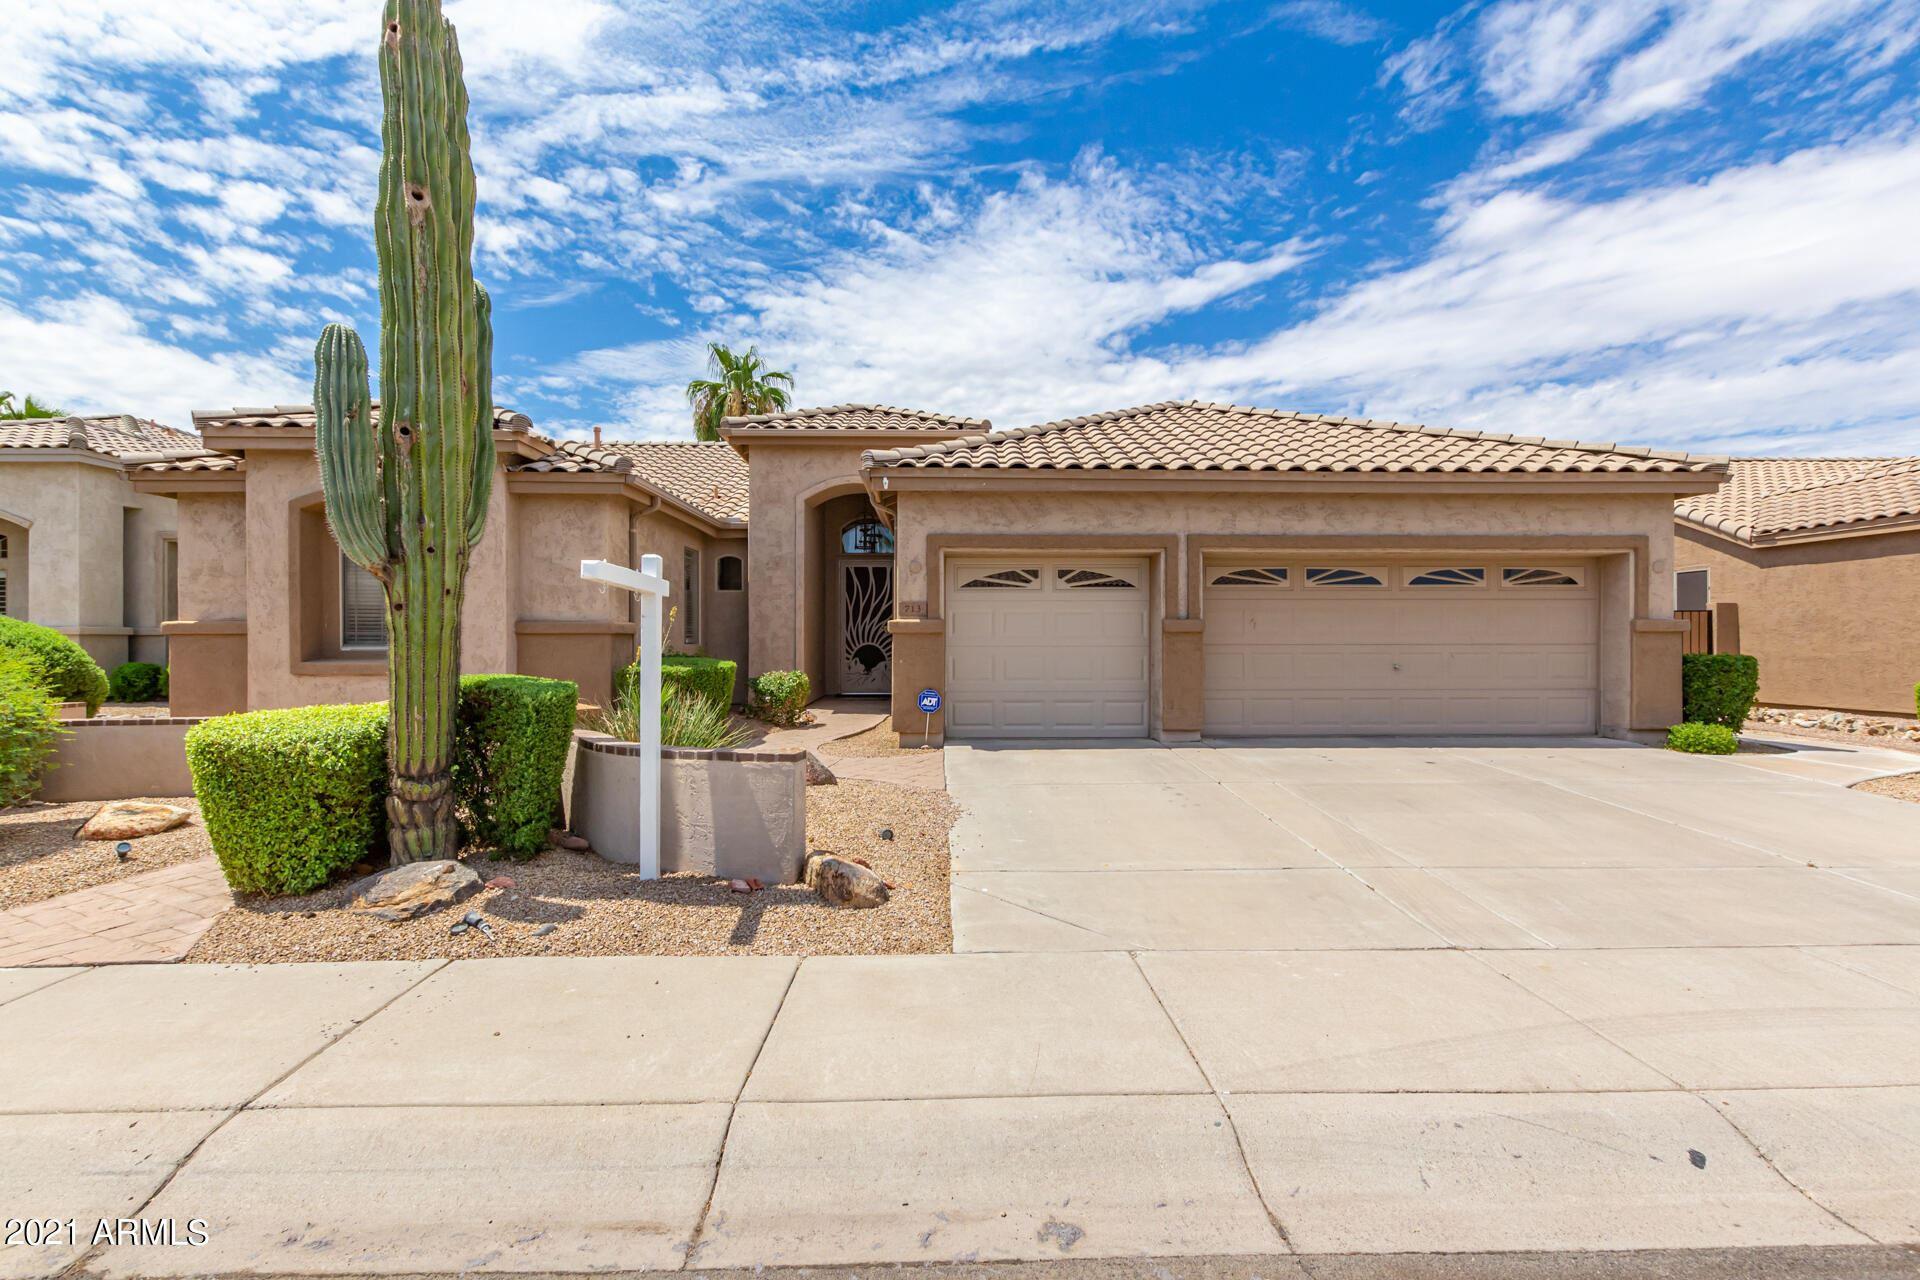 713 W RAVEN Drive, Chandler, AZ 85286 - MLS#: 6266937